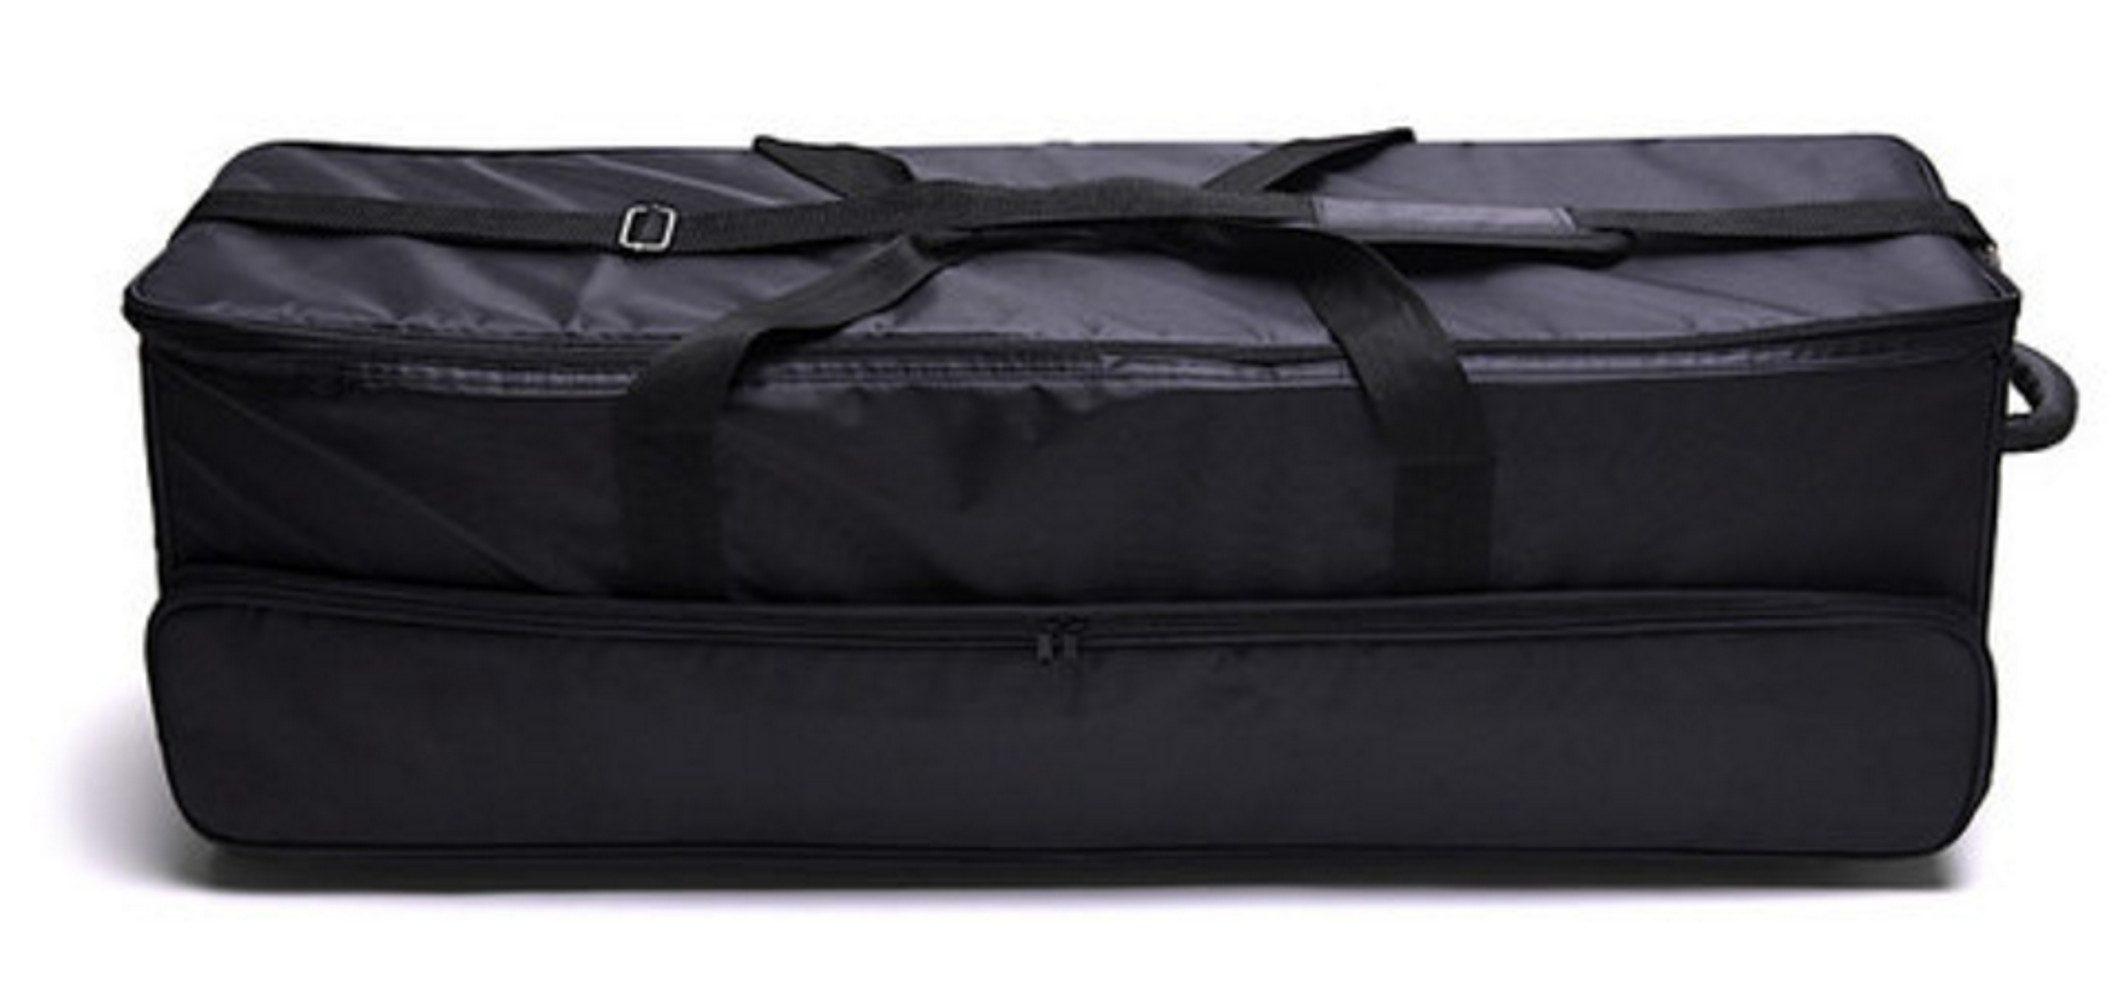 Bresser Fotostudio »B-4 Studiotasche mit Rollen und ausziehbarem Griff«